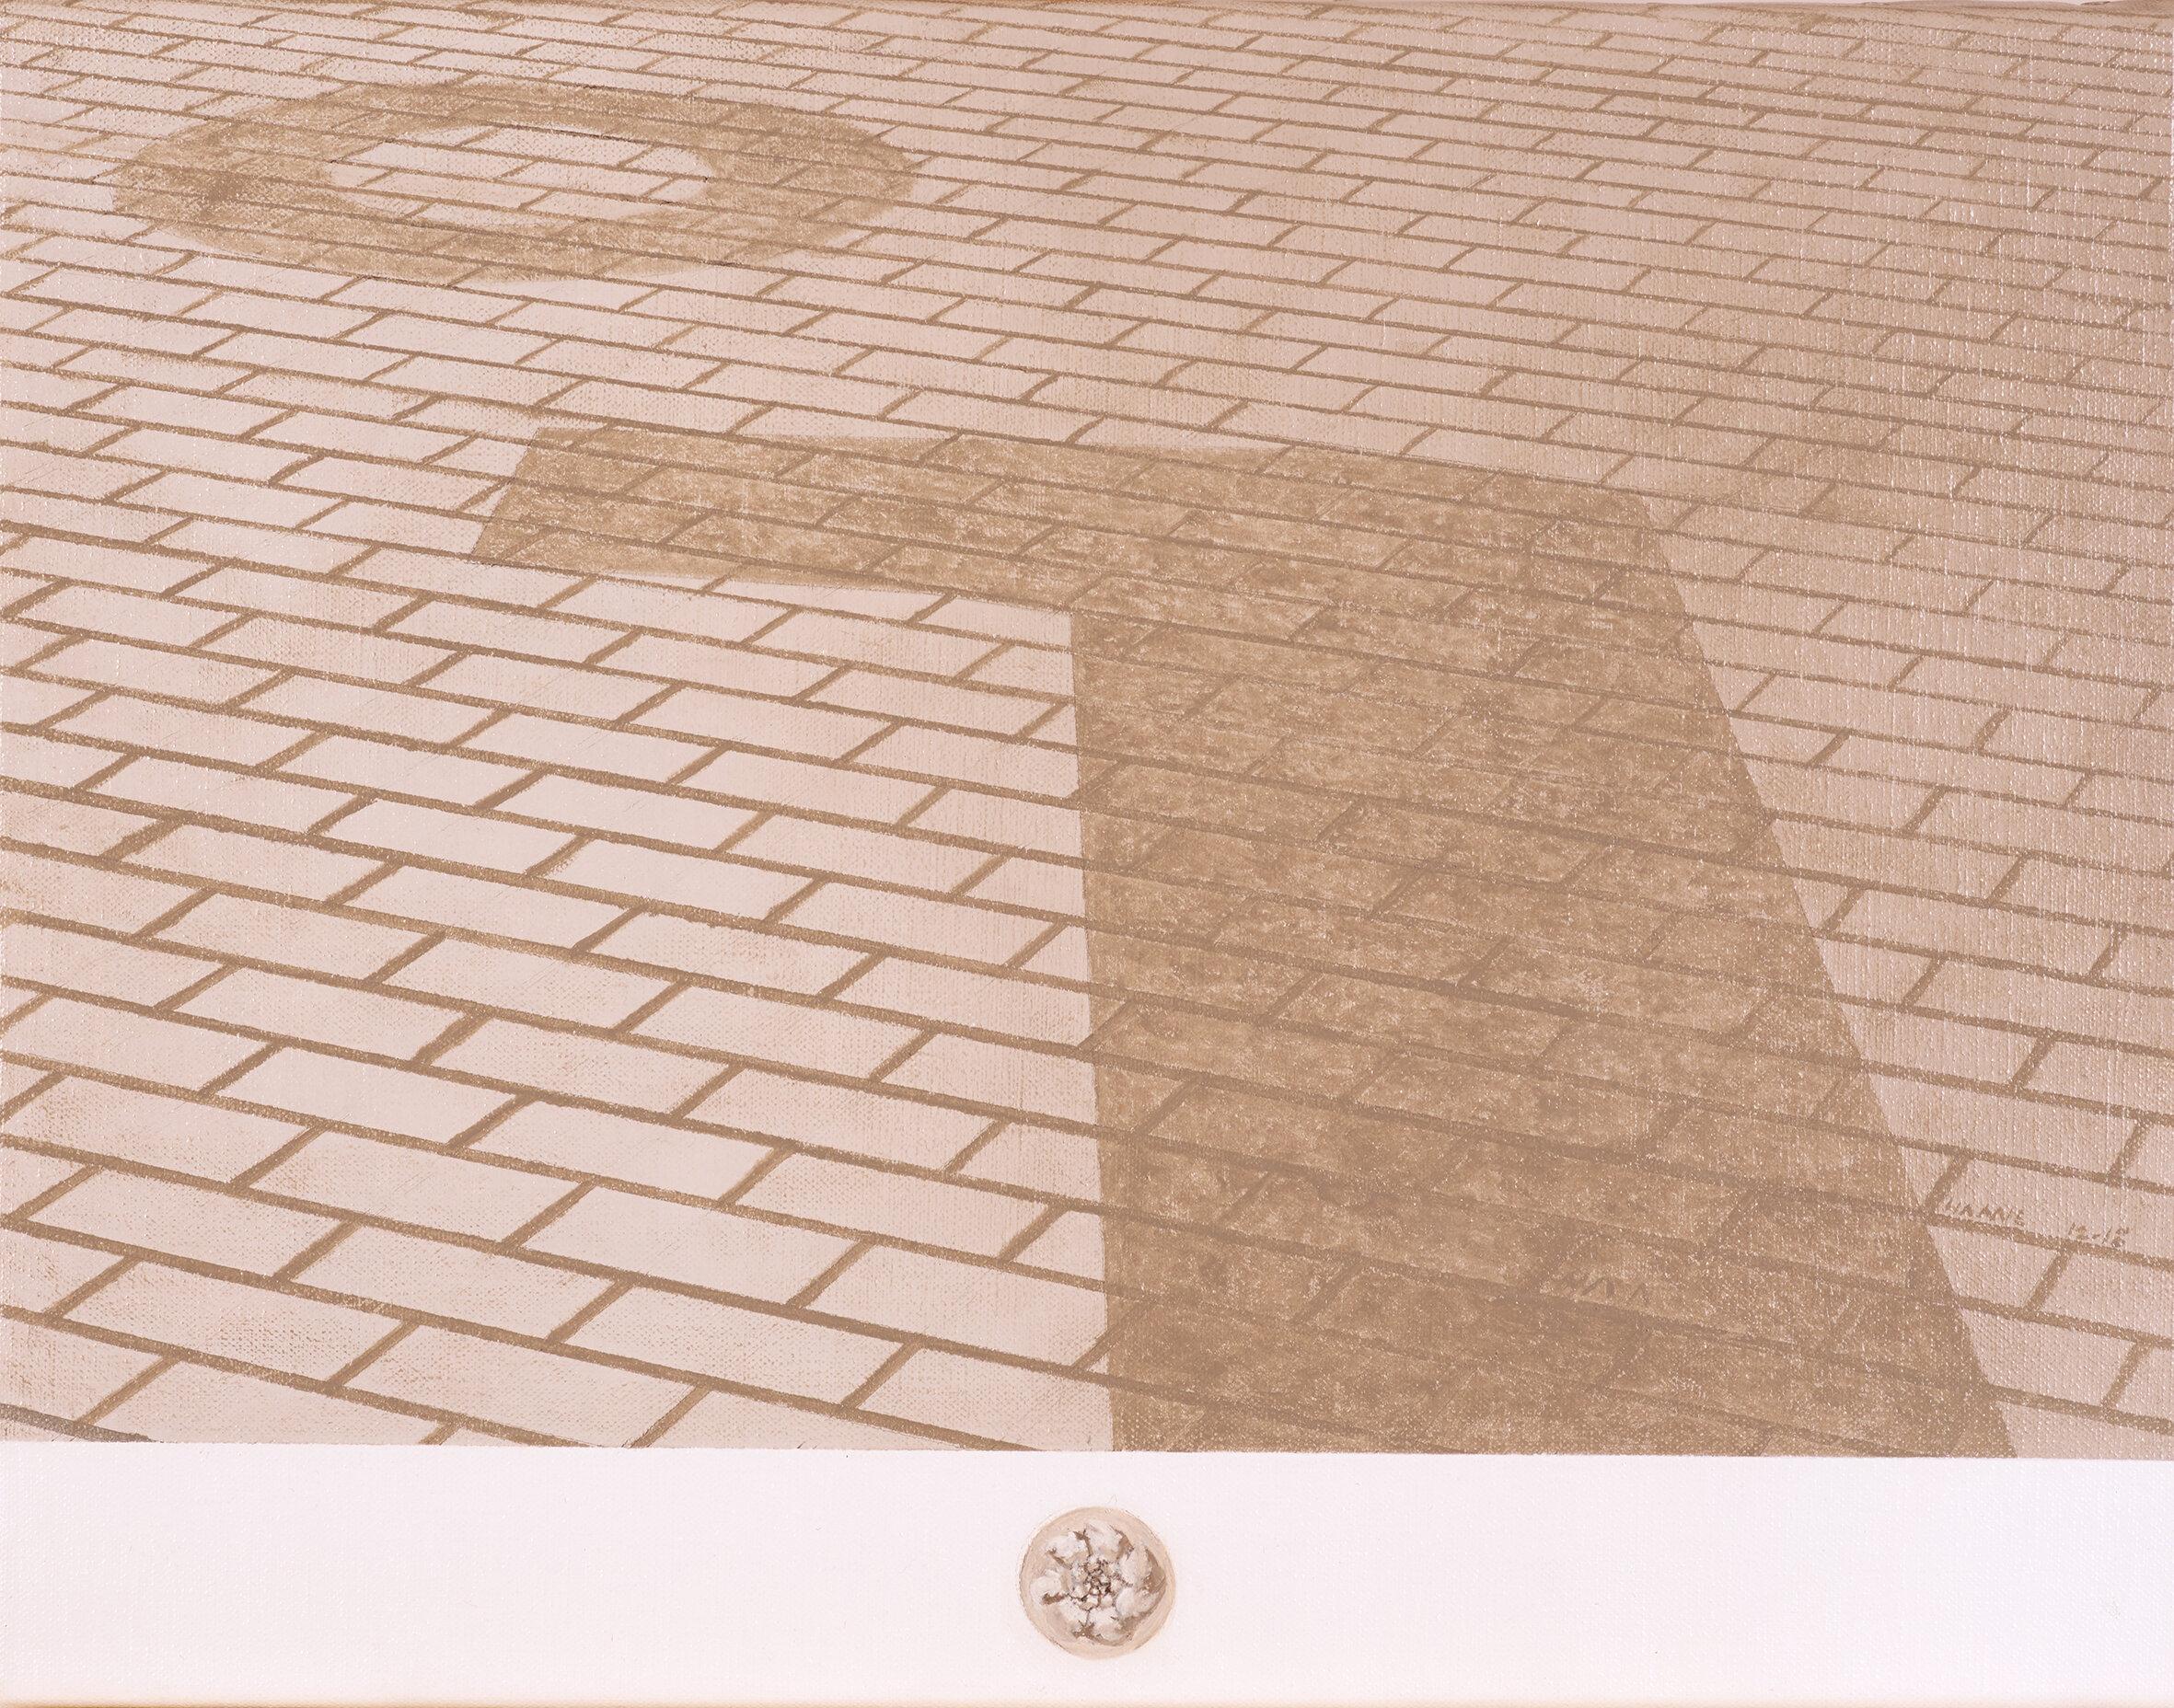 Strada con due tràccie degli resti romani, Barcellona, Spagna  2019 Olio su lino; 32.5 x 42 cm € 725